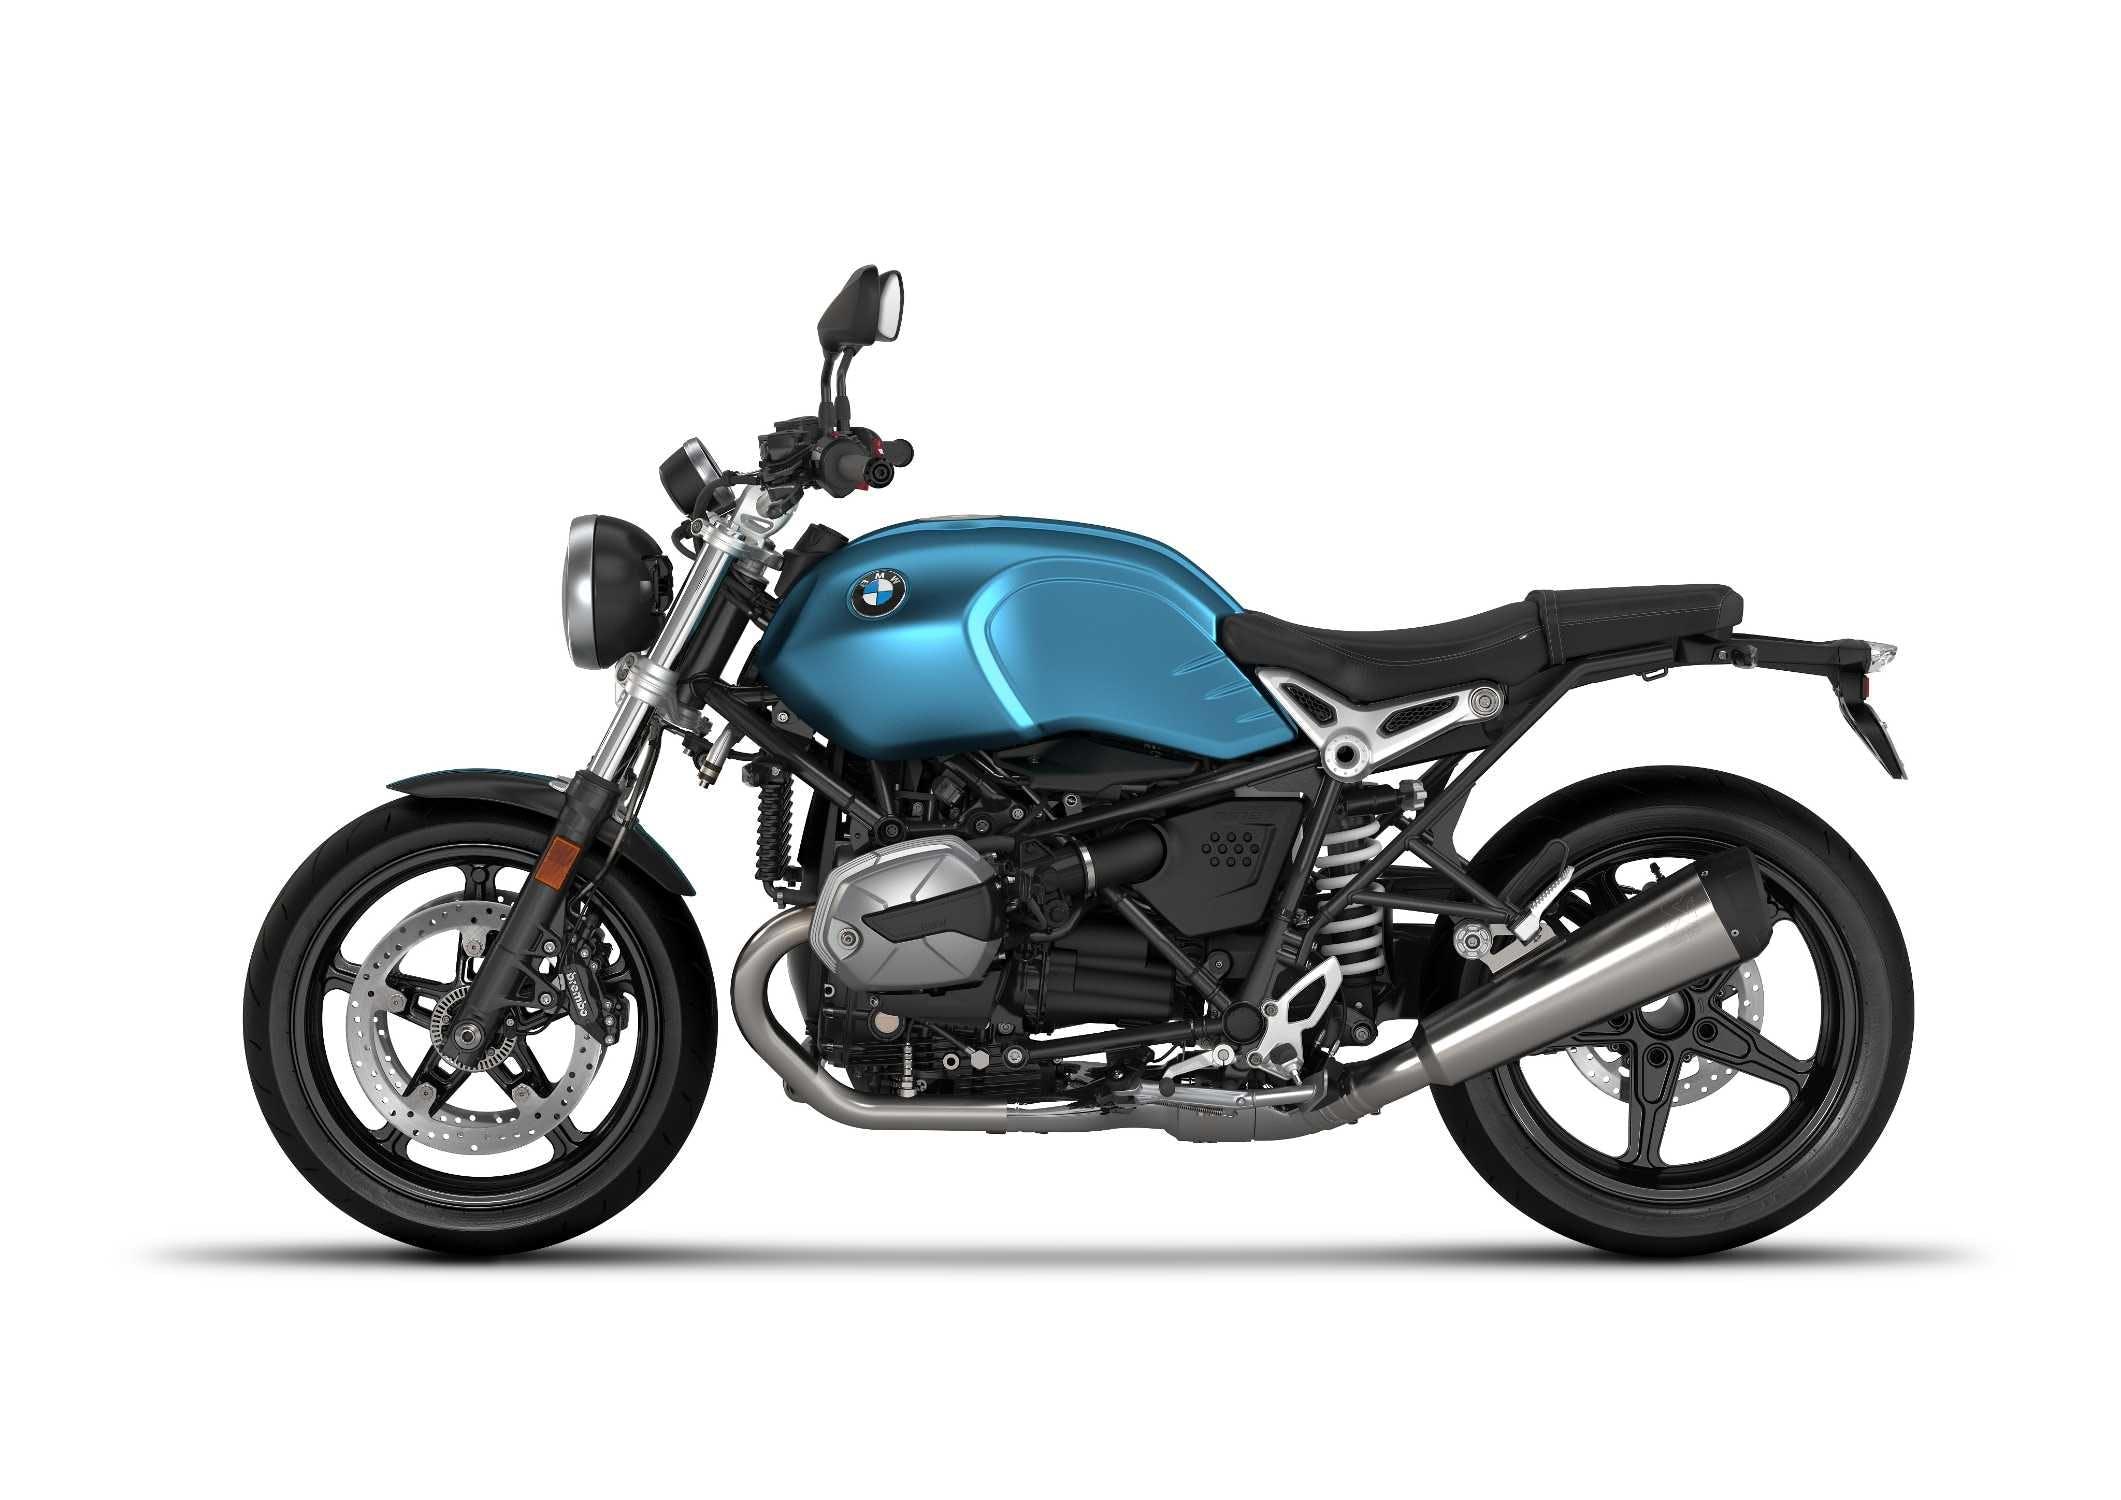 BMW R nineT Pure in Teal Blue Metallic Matt colour